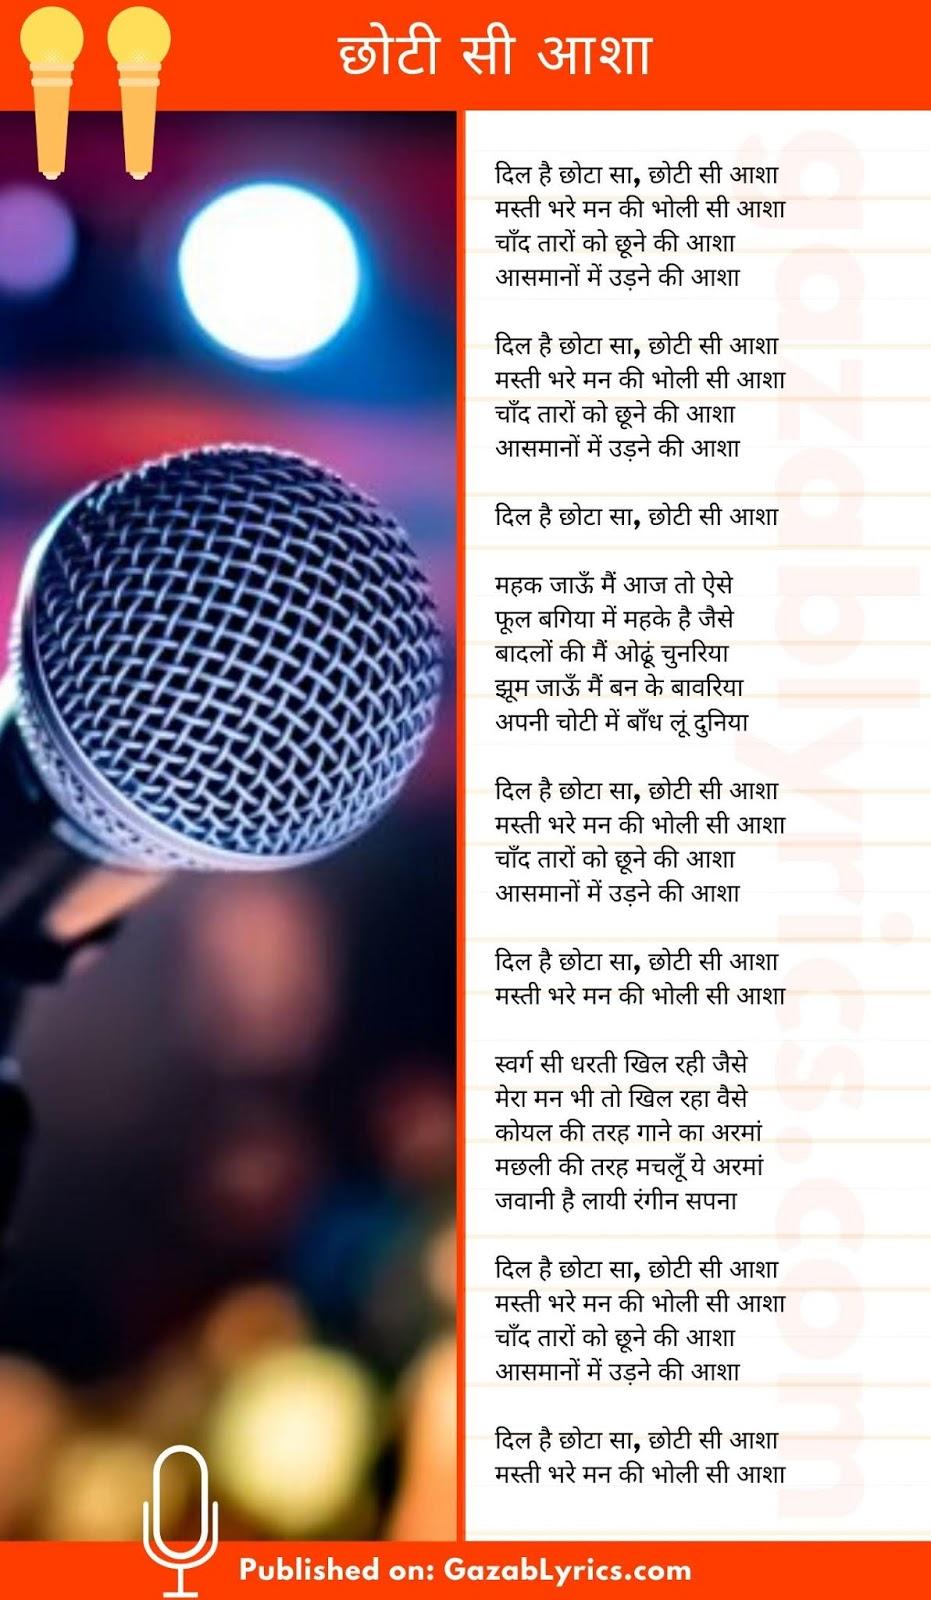 Dil Hai Chota Sa song lyrics image